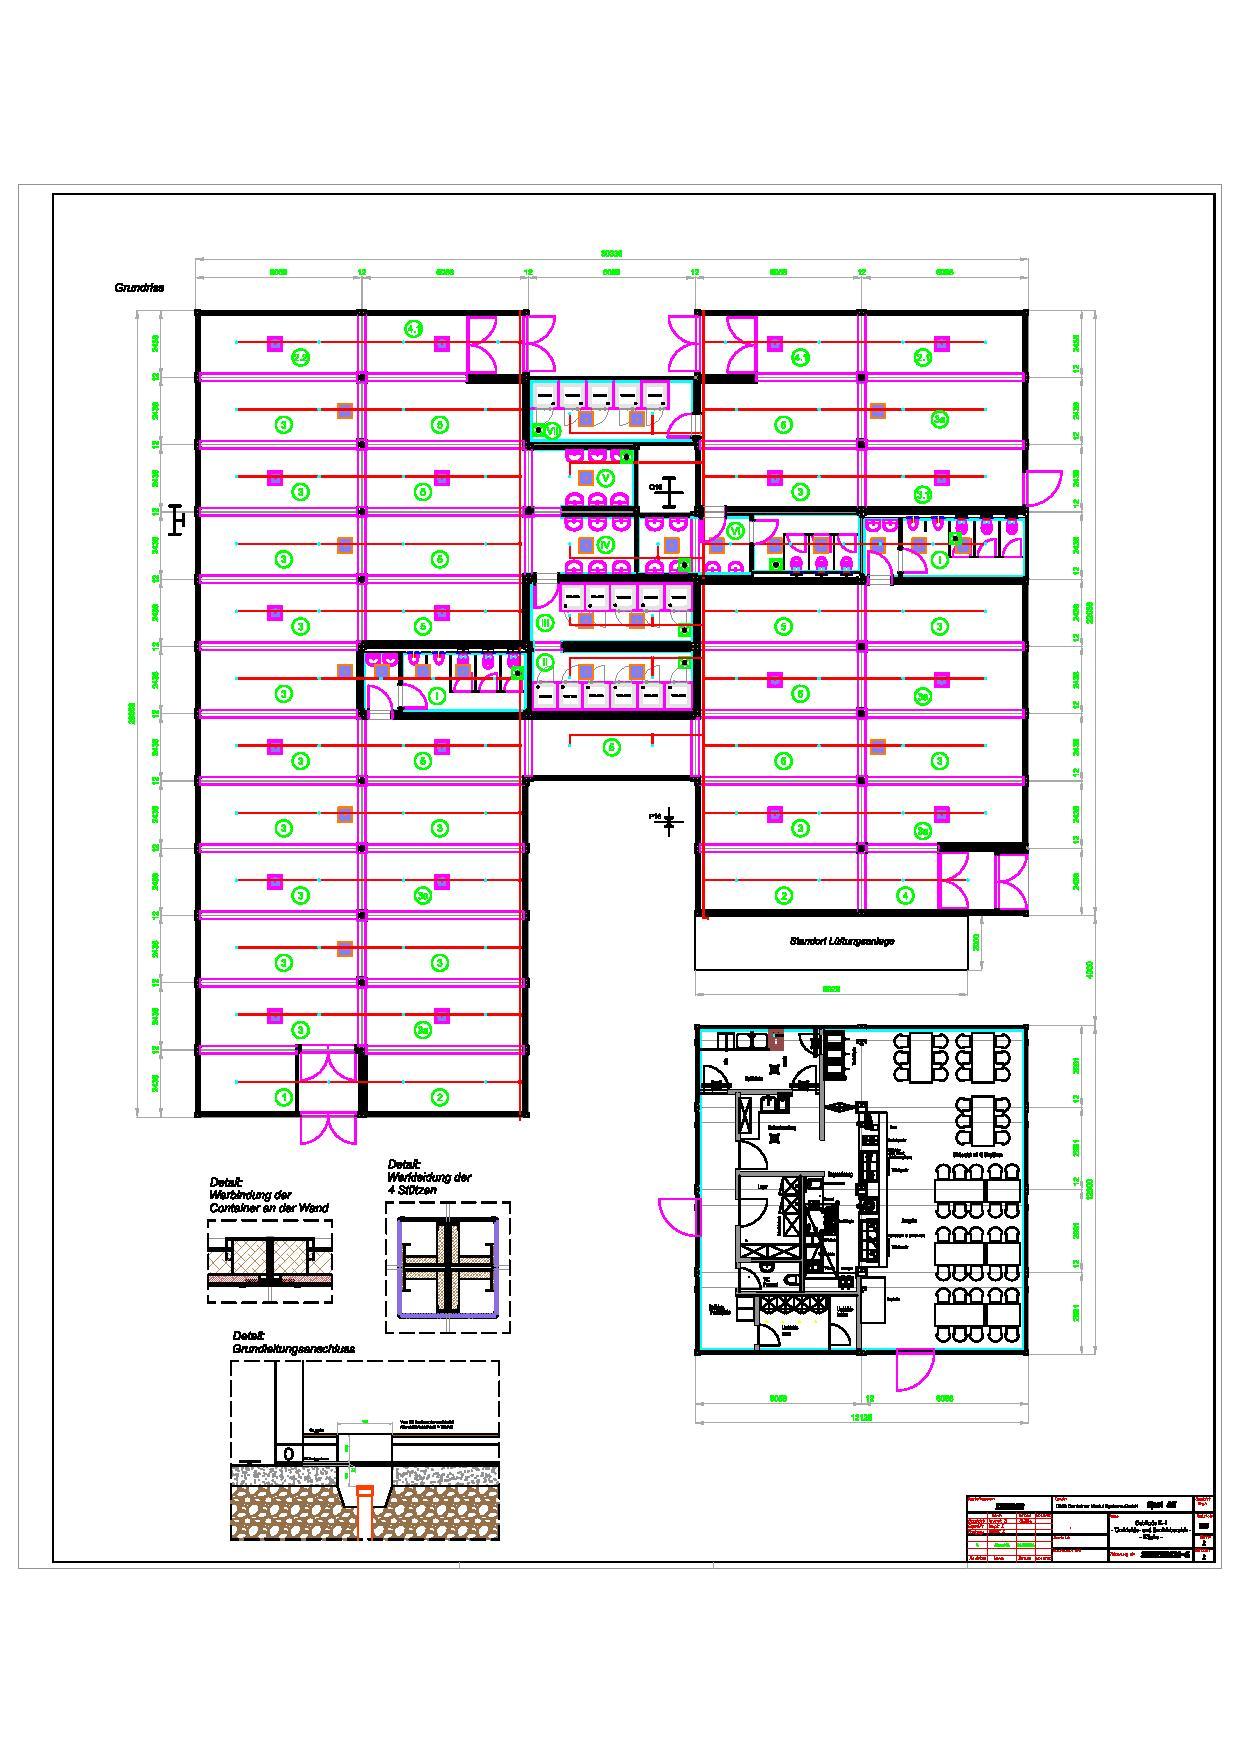 Gebrauchte Containeranlage - Grundriss CMS (Adam Opel AG) Gebäude K-1